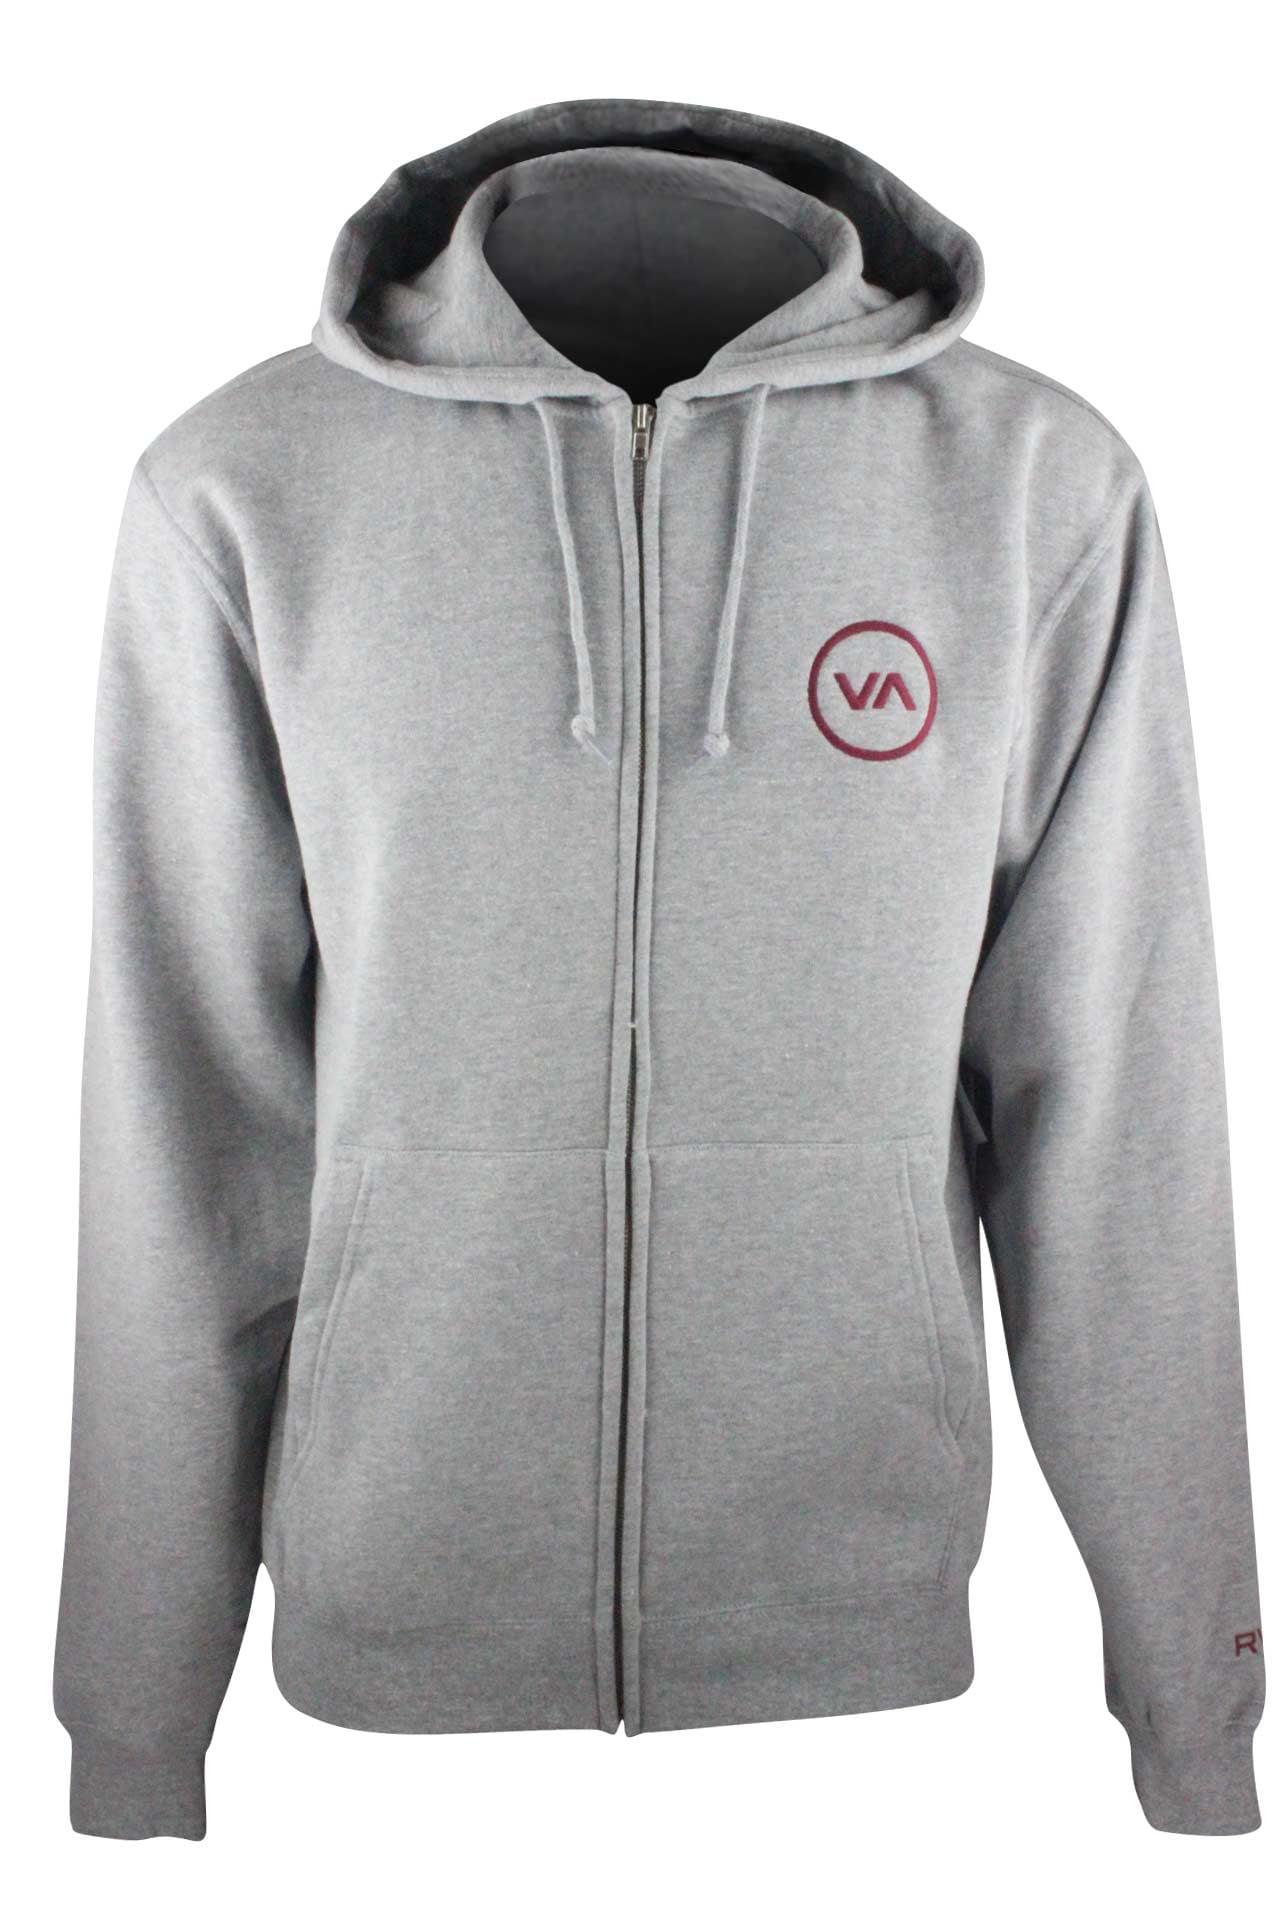 Ladies Women Jacket Hooded Winter Parka Long Coat Size S//M//L//XL//XXL Outwear U7M3